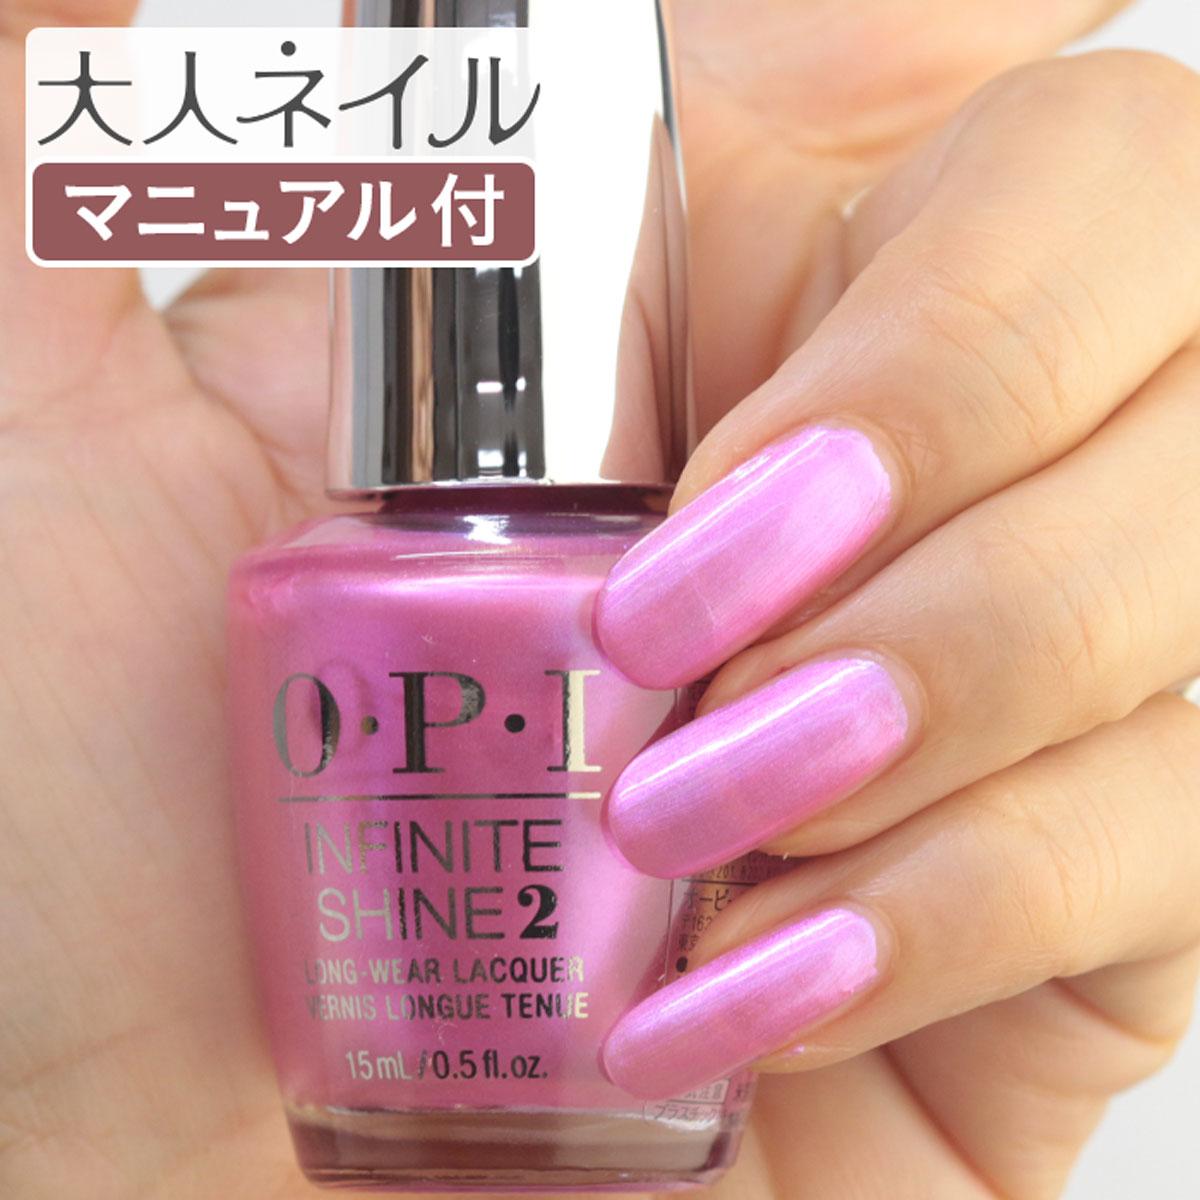 OPI INFINITE SHINE インフィニット シャイン IS-LSR6 RainbowsinYourFuchsia(レインボーズ イン ユア フューシャ) 15ml ピンク パール 偏光 夏ネイル 夏カラー ペディキュア